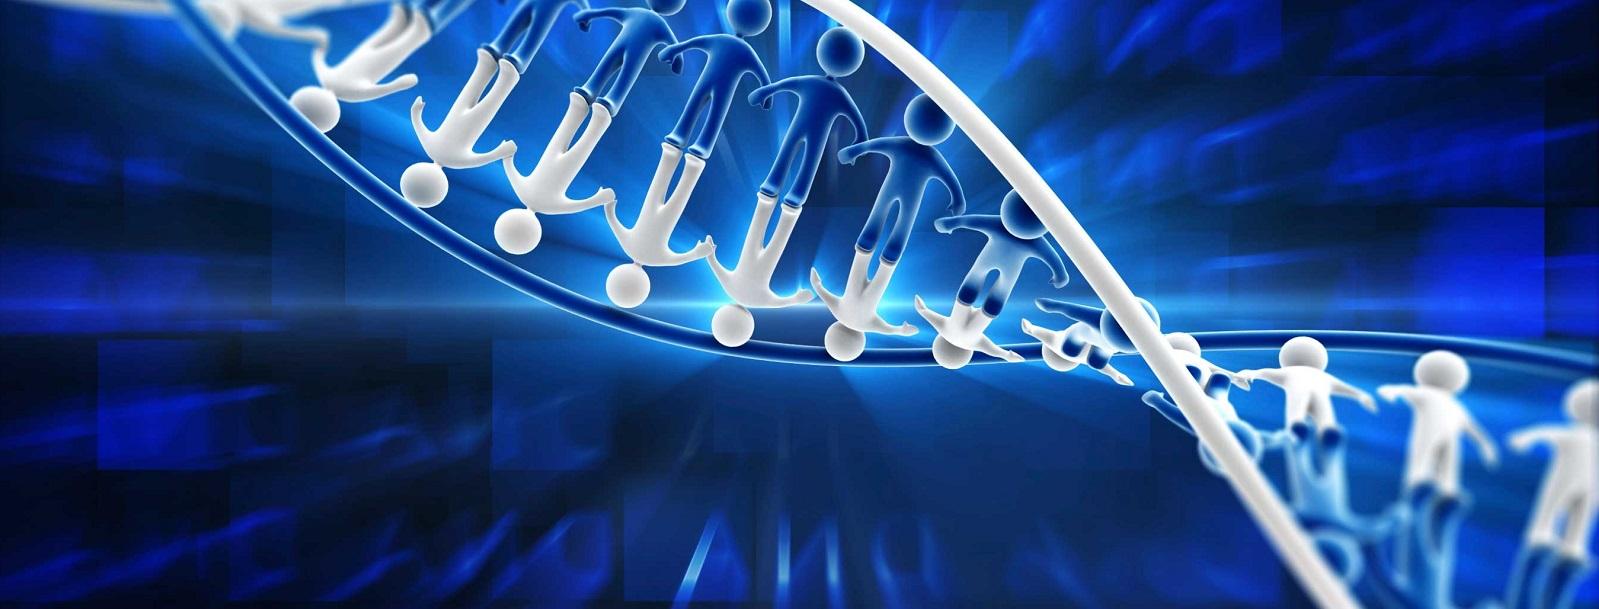 Dasa adquire equipamento para sequenciar genoma completo